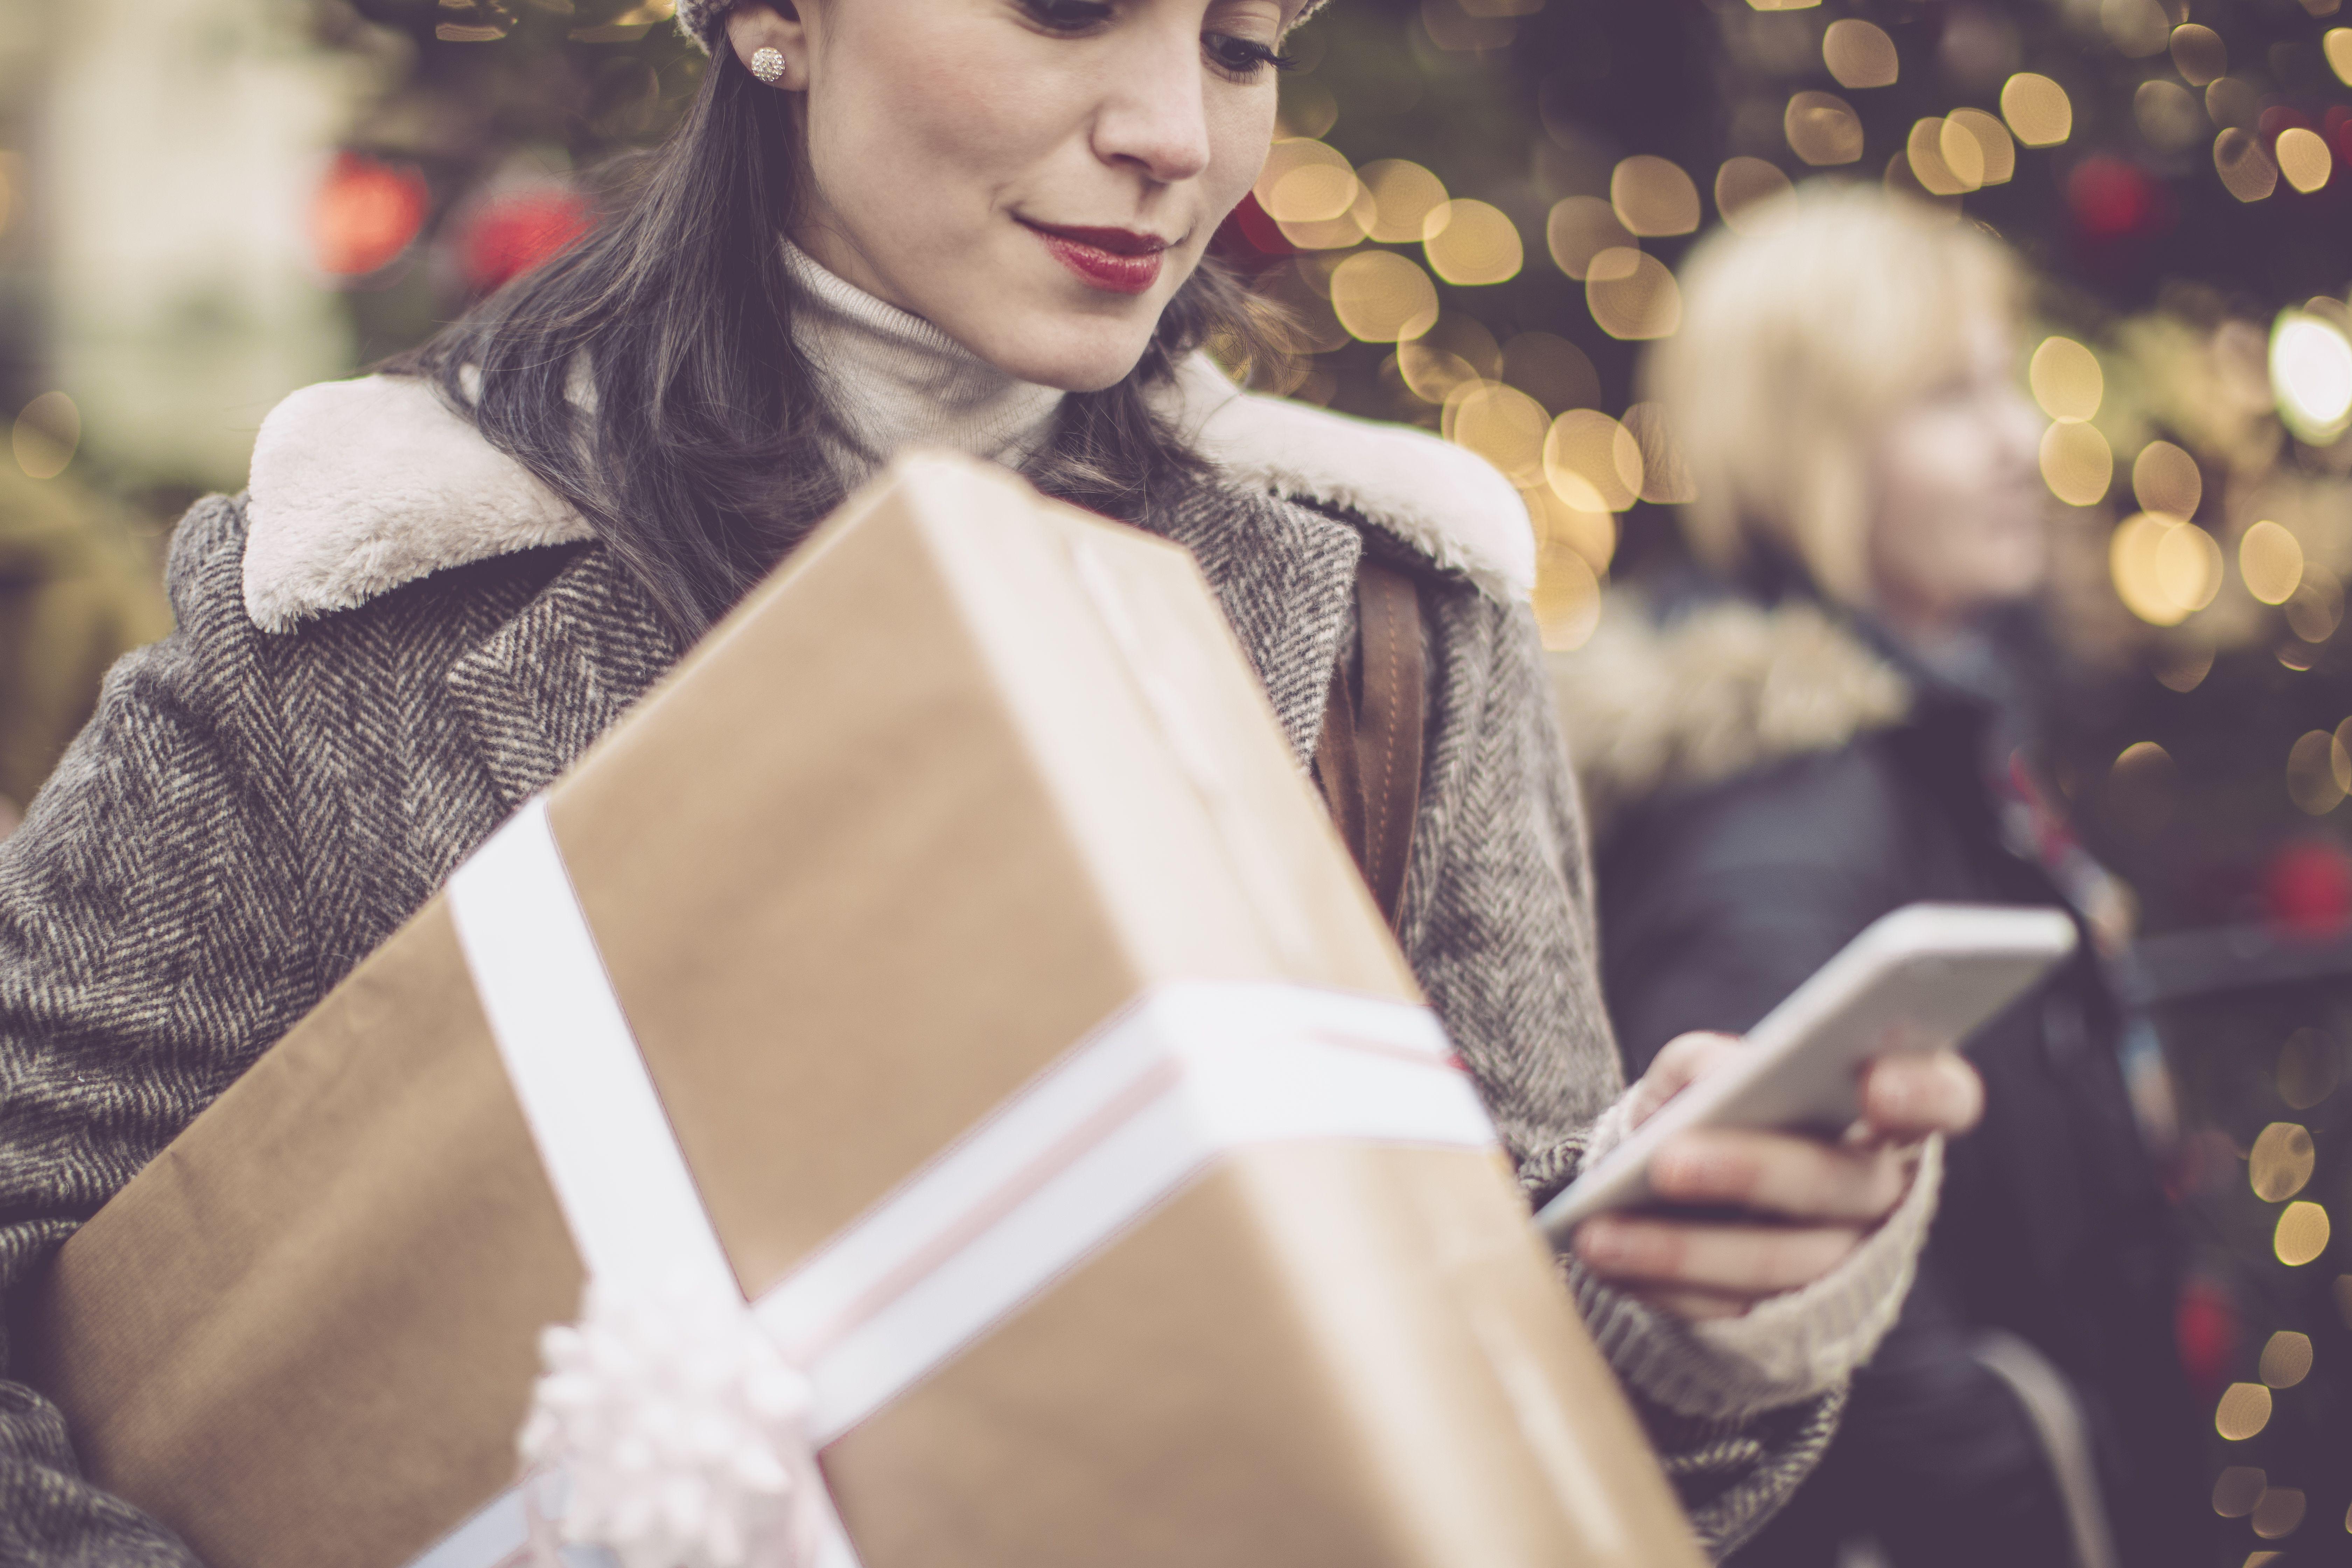 Sélection de cadeaux à 100 € pour Noël 2018